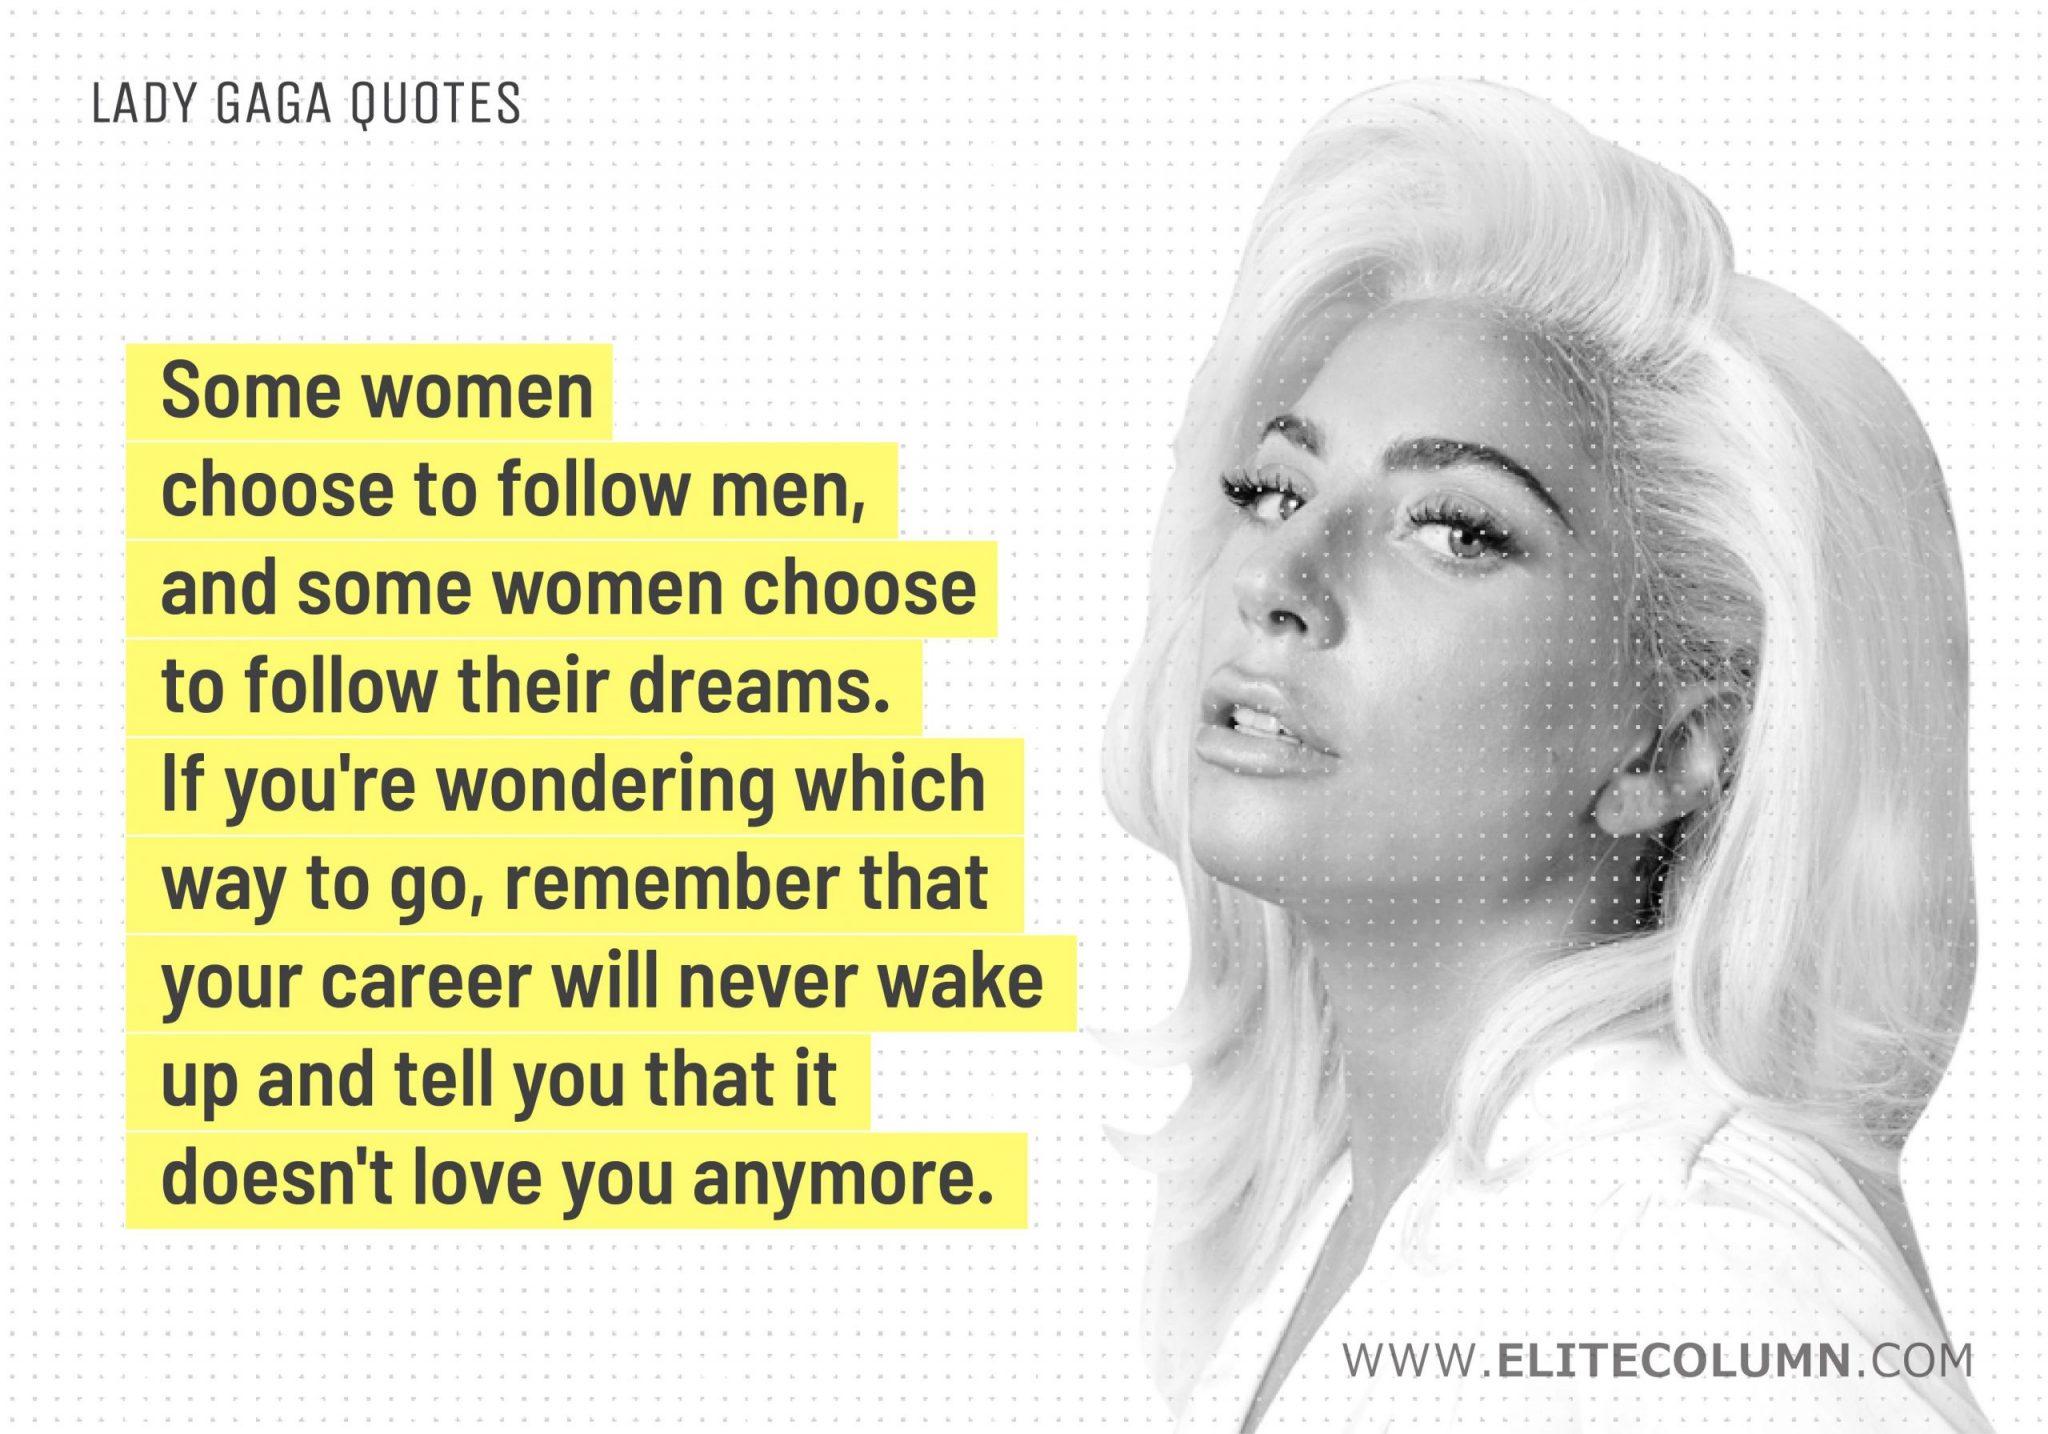 12 Lady Gaga Quotes That Will Inspire You 2020 Elitecolumn